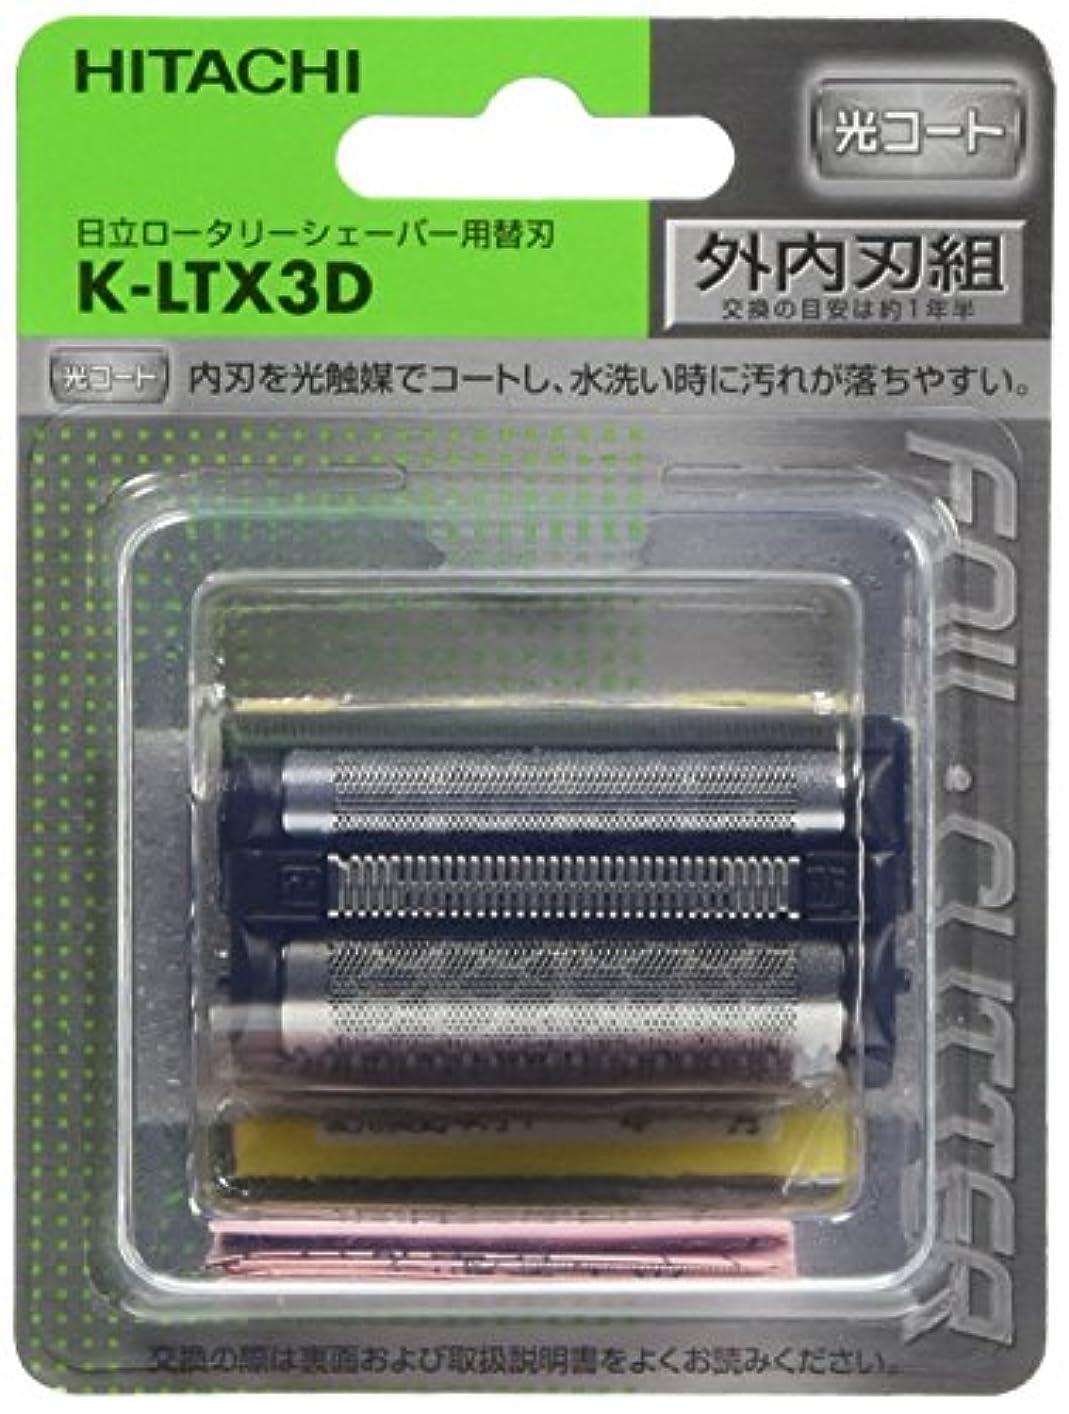 怒りエキサイティング不均一日立 メンズシェーバー用替刃 K-LTX3D